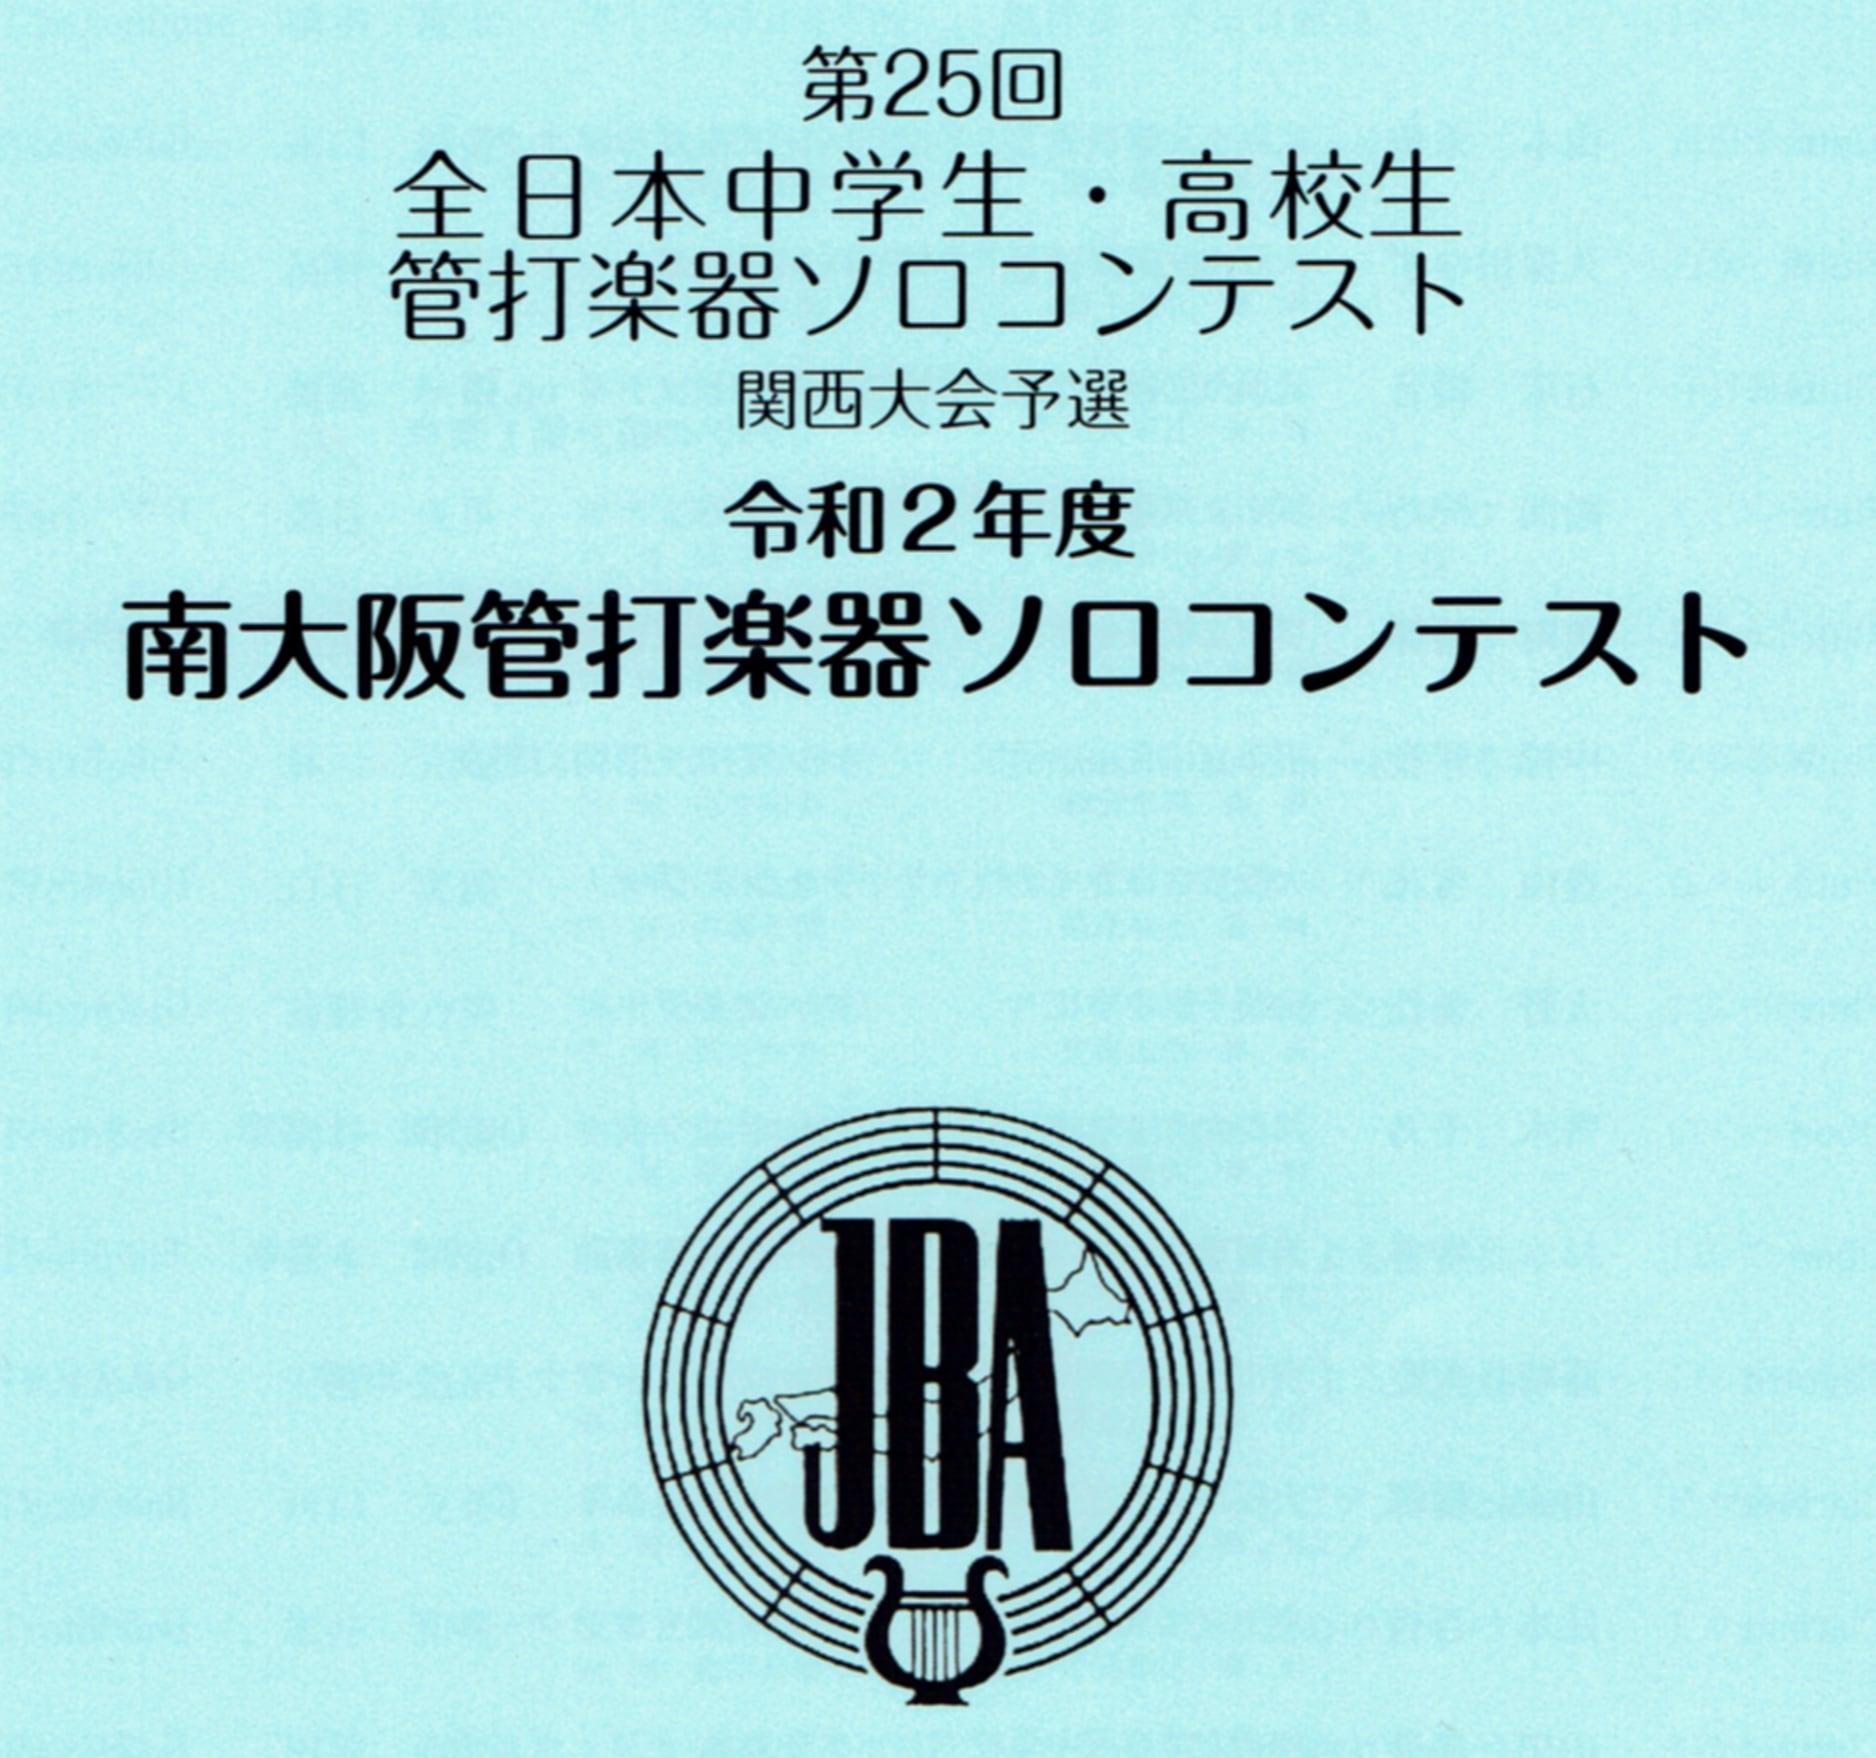 【追加団体専用】南大阪ソロコンテスト